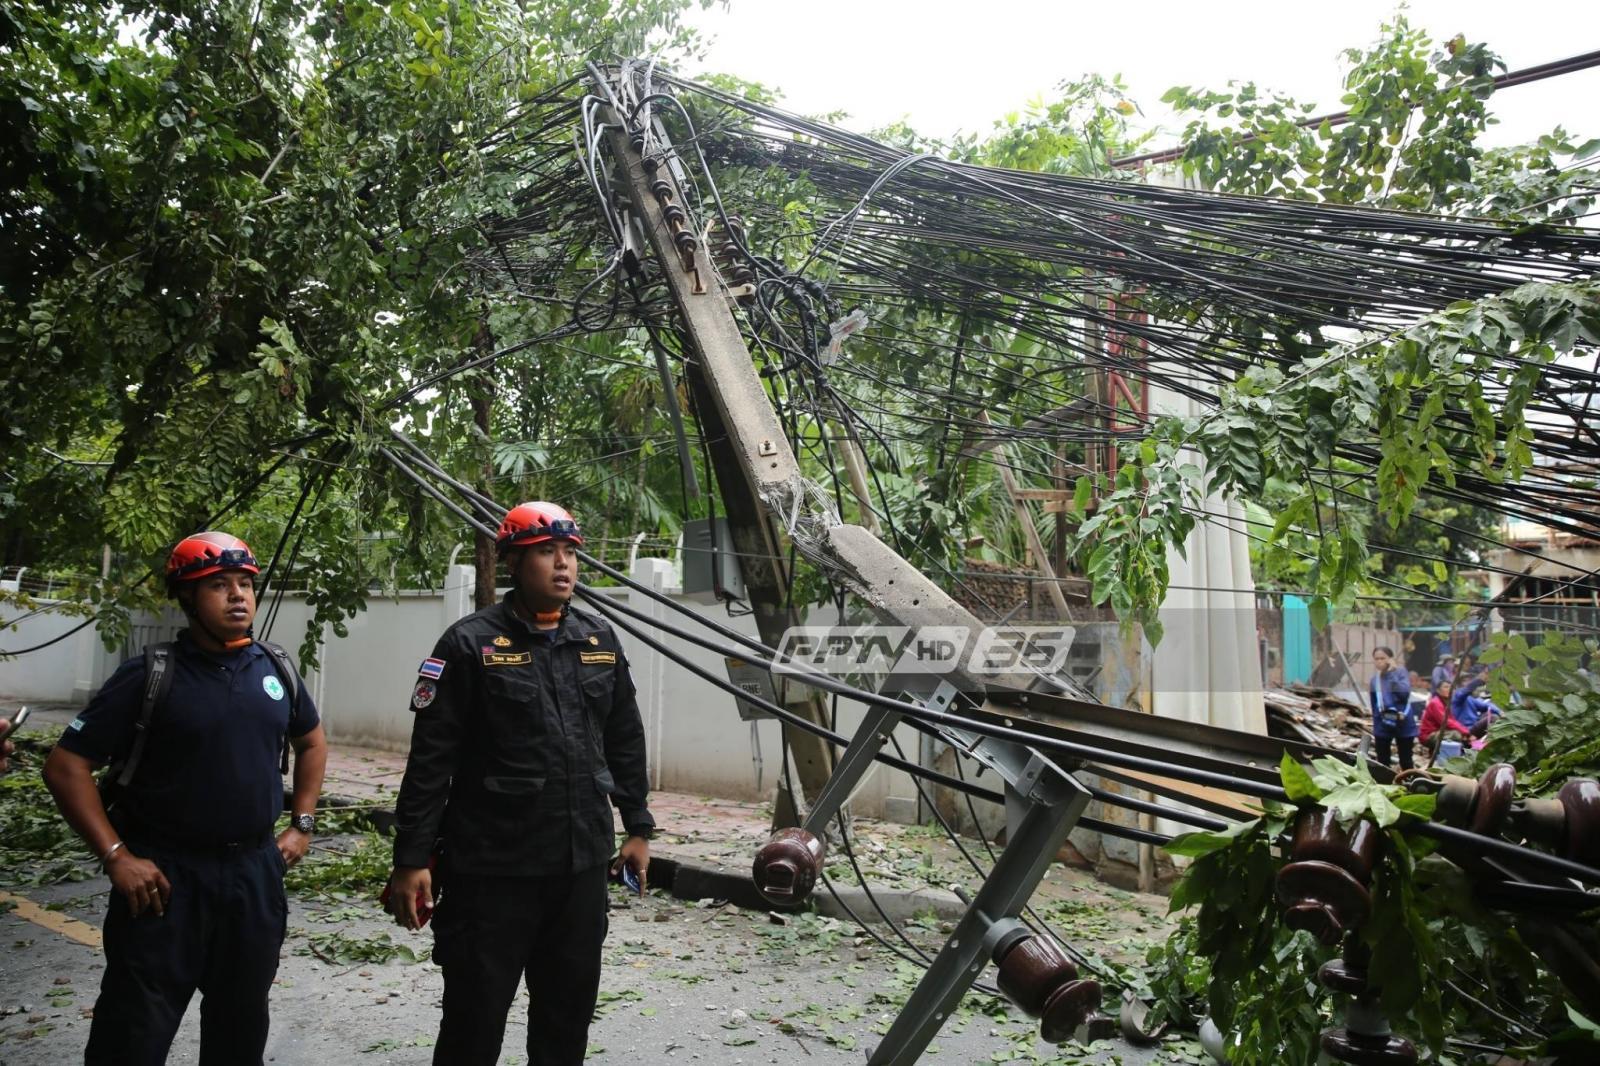 รถเครนล้ม ถนนศาลาแดง ทับรถ เจ็บ 1 - เสาไฟฟ้าล้ม 5 ต้น